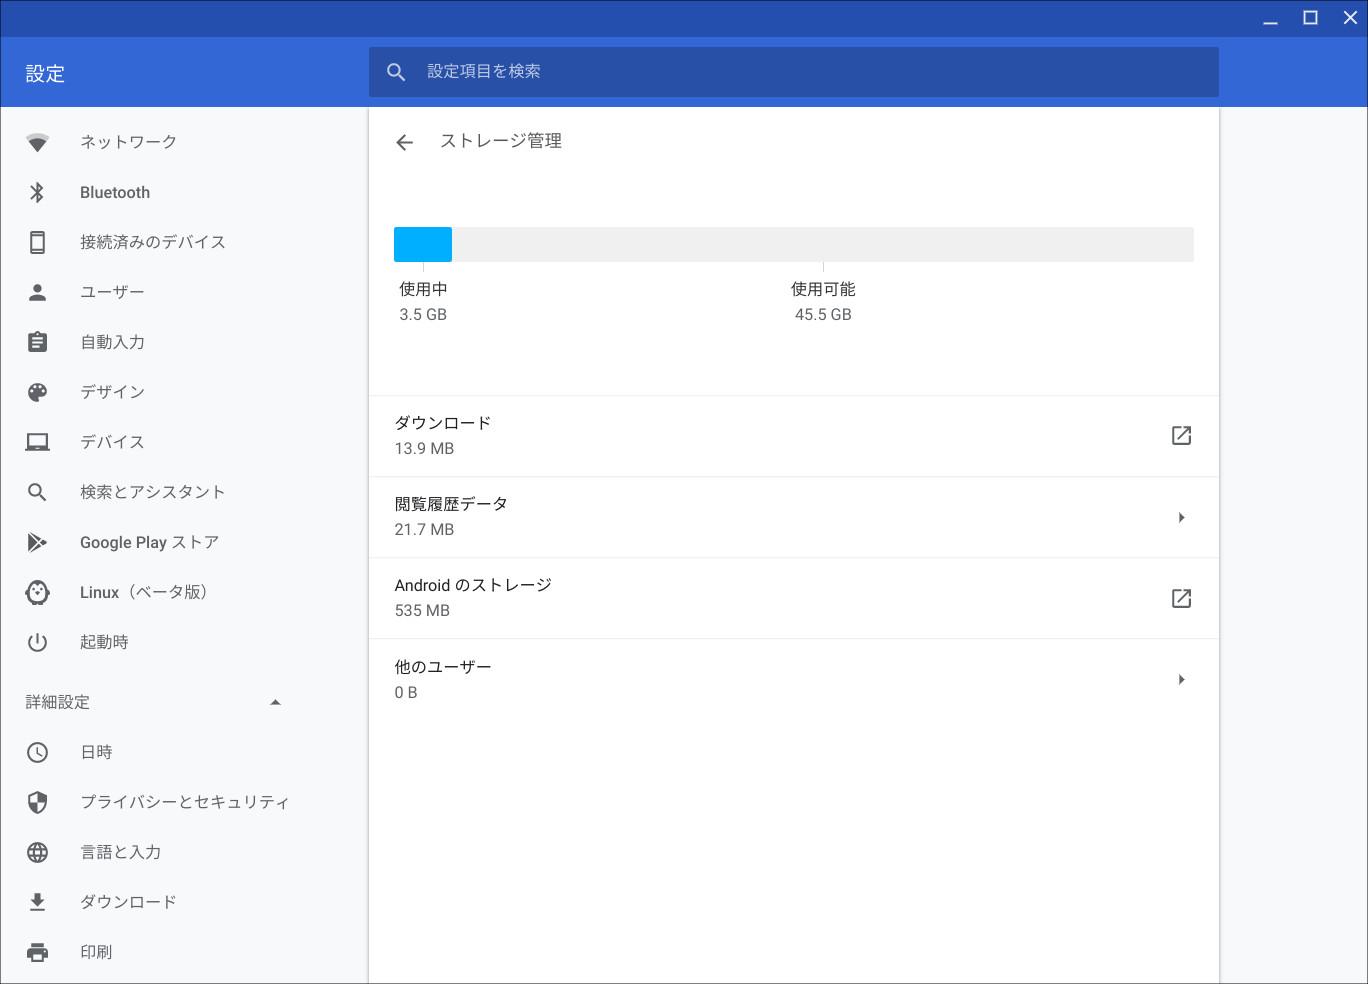 HP Chromebook x360 14 ストレージ情報